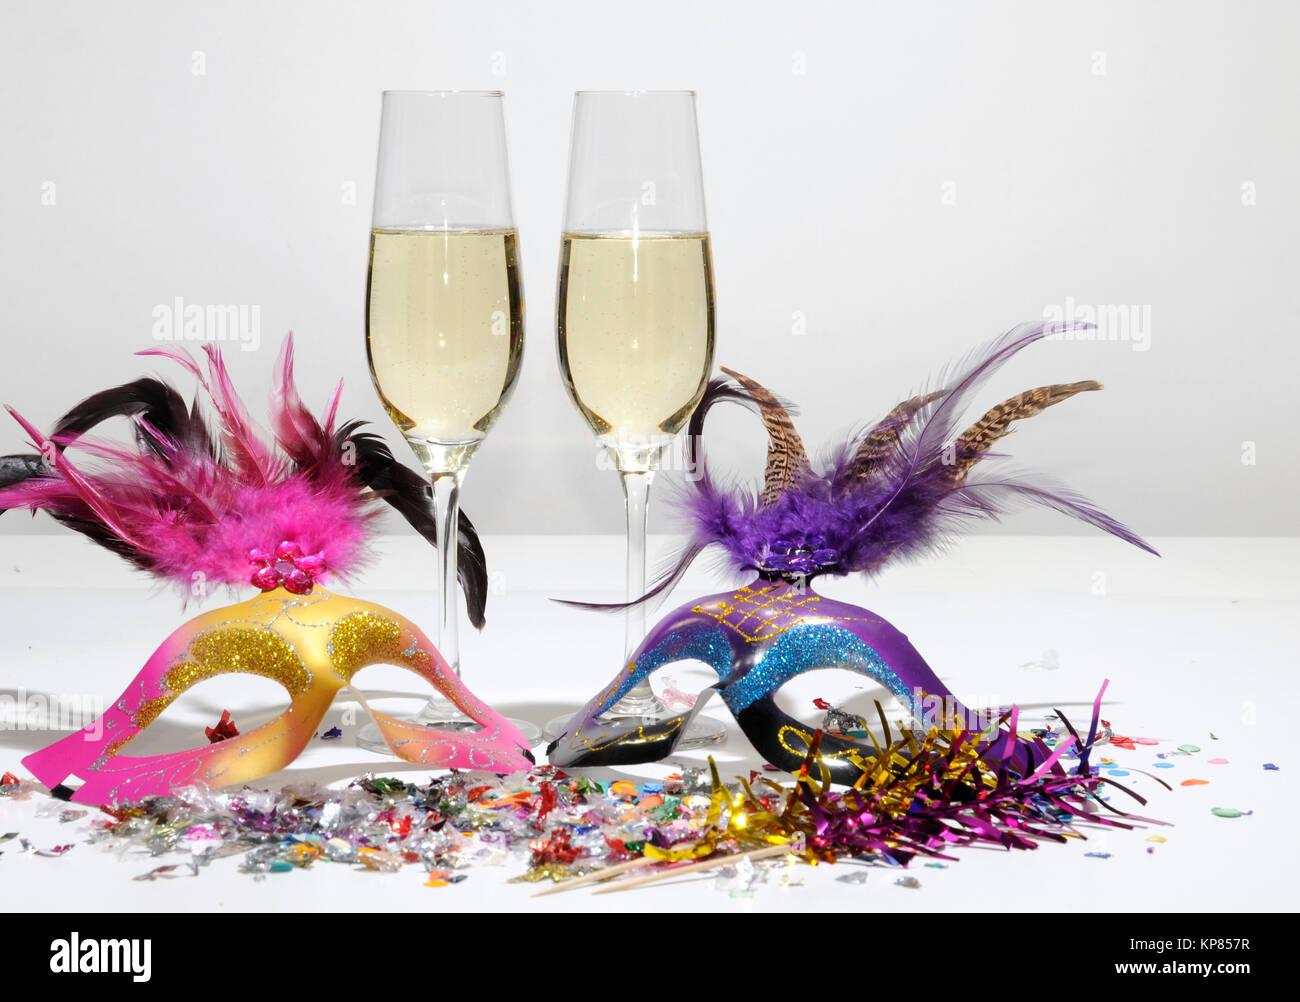 sekt silvester neujahr sektgl ser jubil um flasche champagner stock photo royalty free. Black Bedroom Furniture Sets. Home Design Ideas